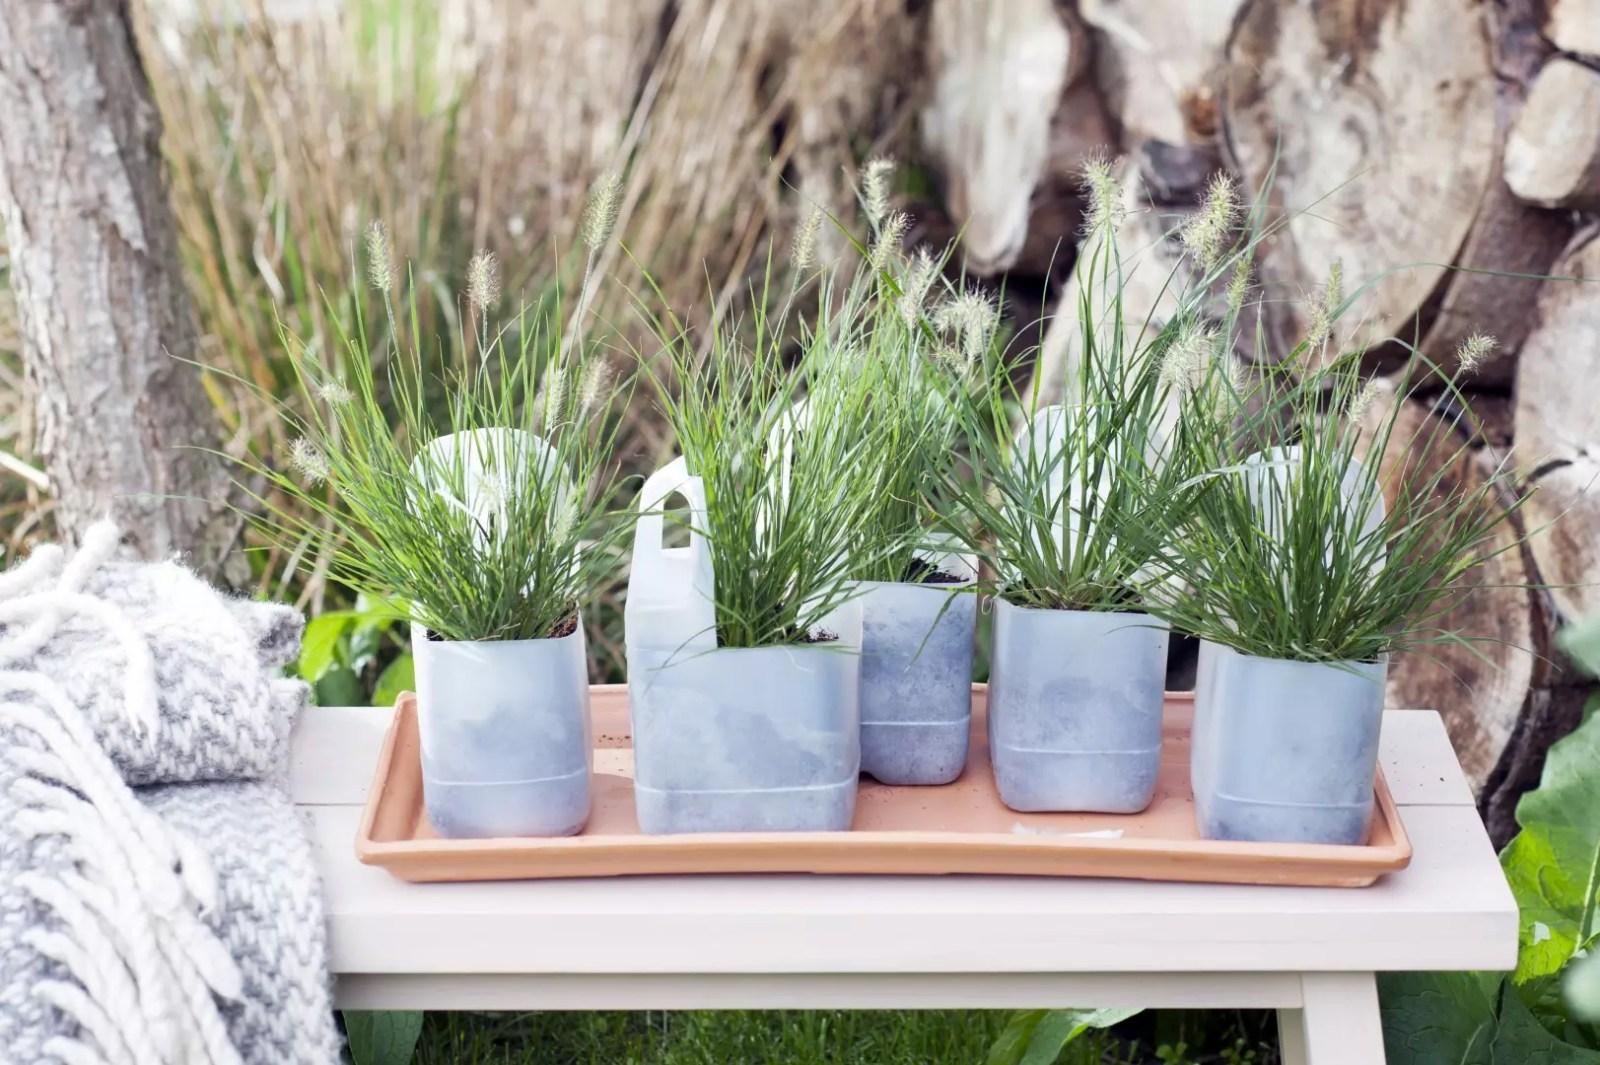 Buitenleven   Siergrassen in de tuin - Borstelveergras = Tuinplant van de Maand september - Woonblog StijlvolStyling.com